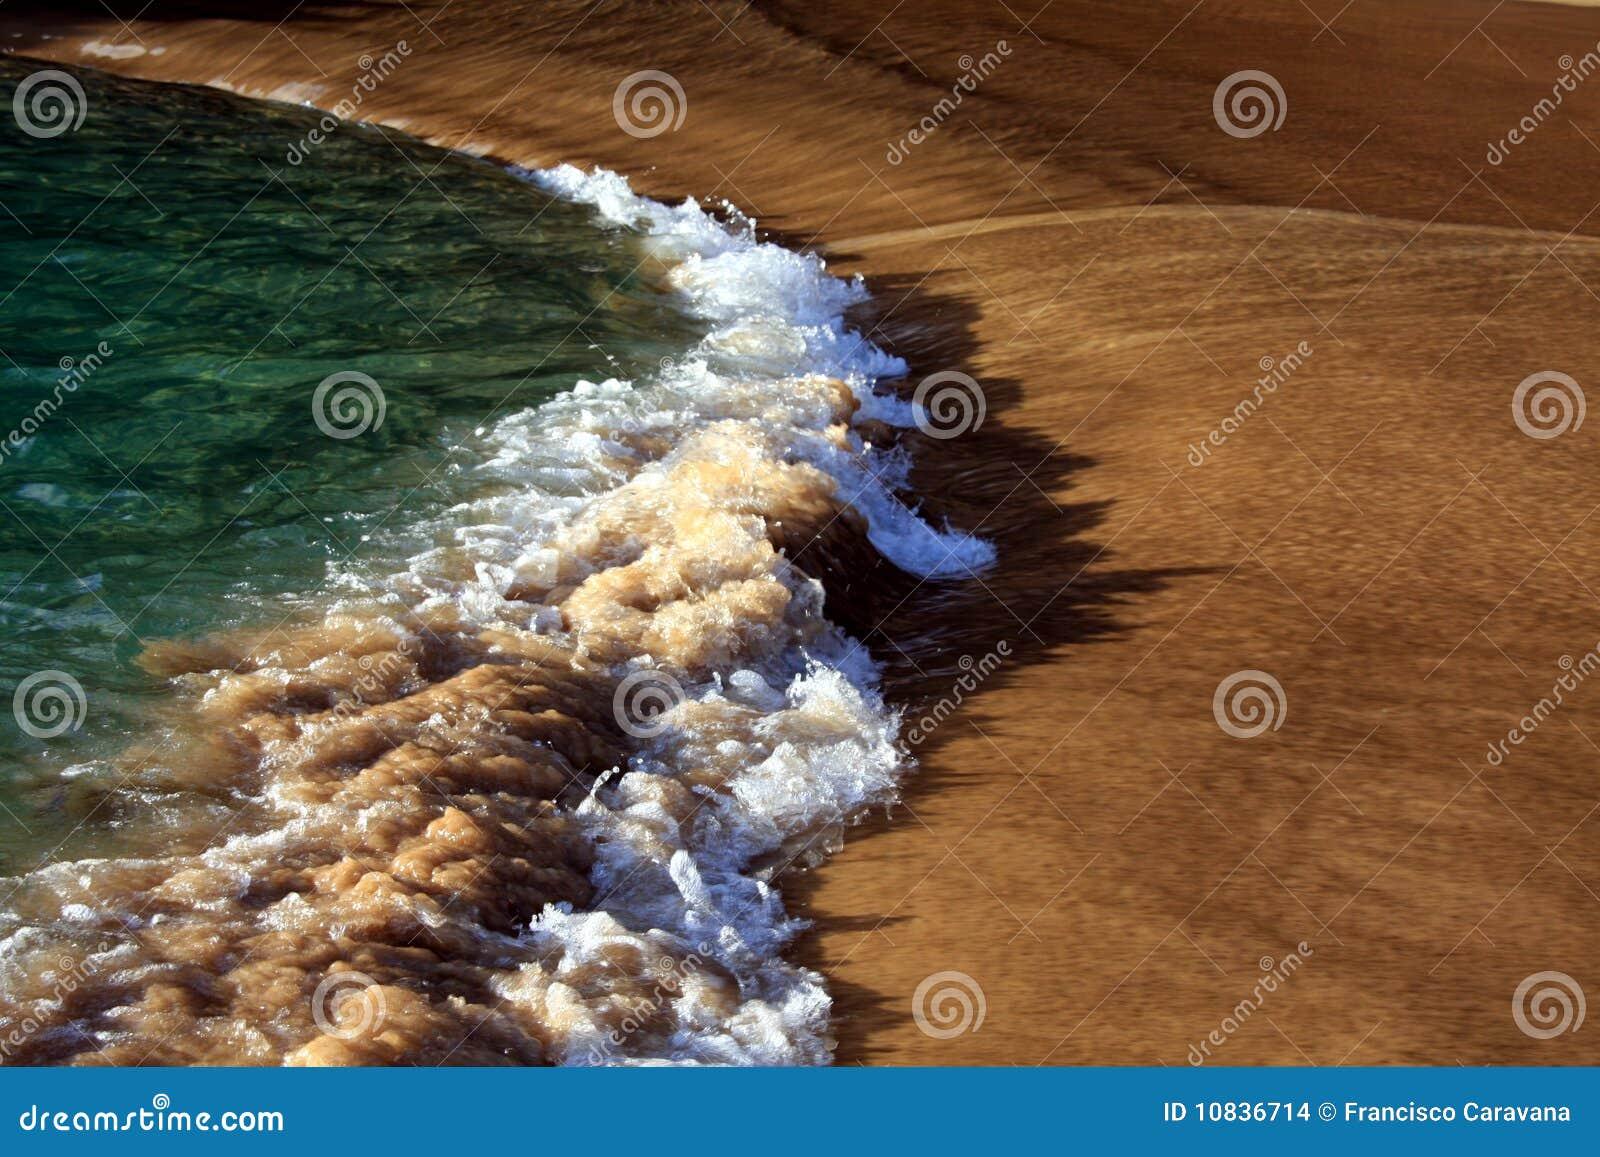 Backwash wave